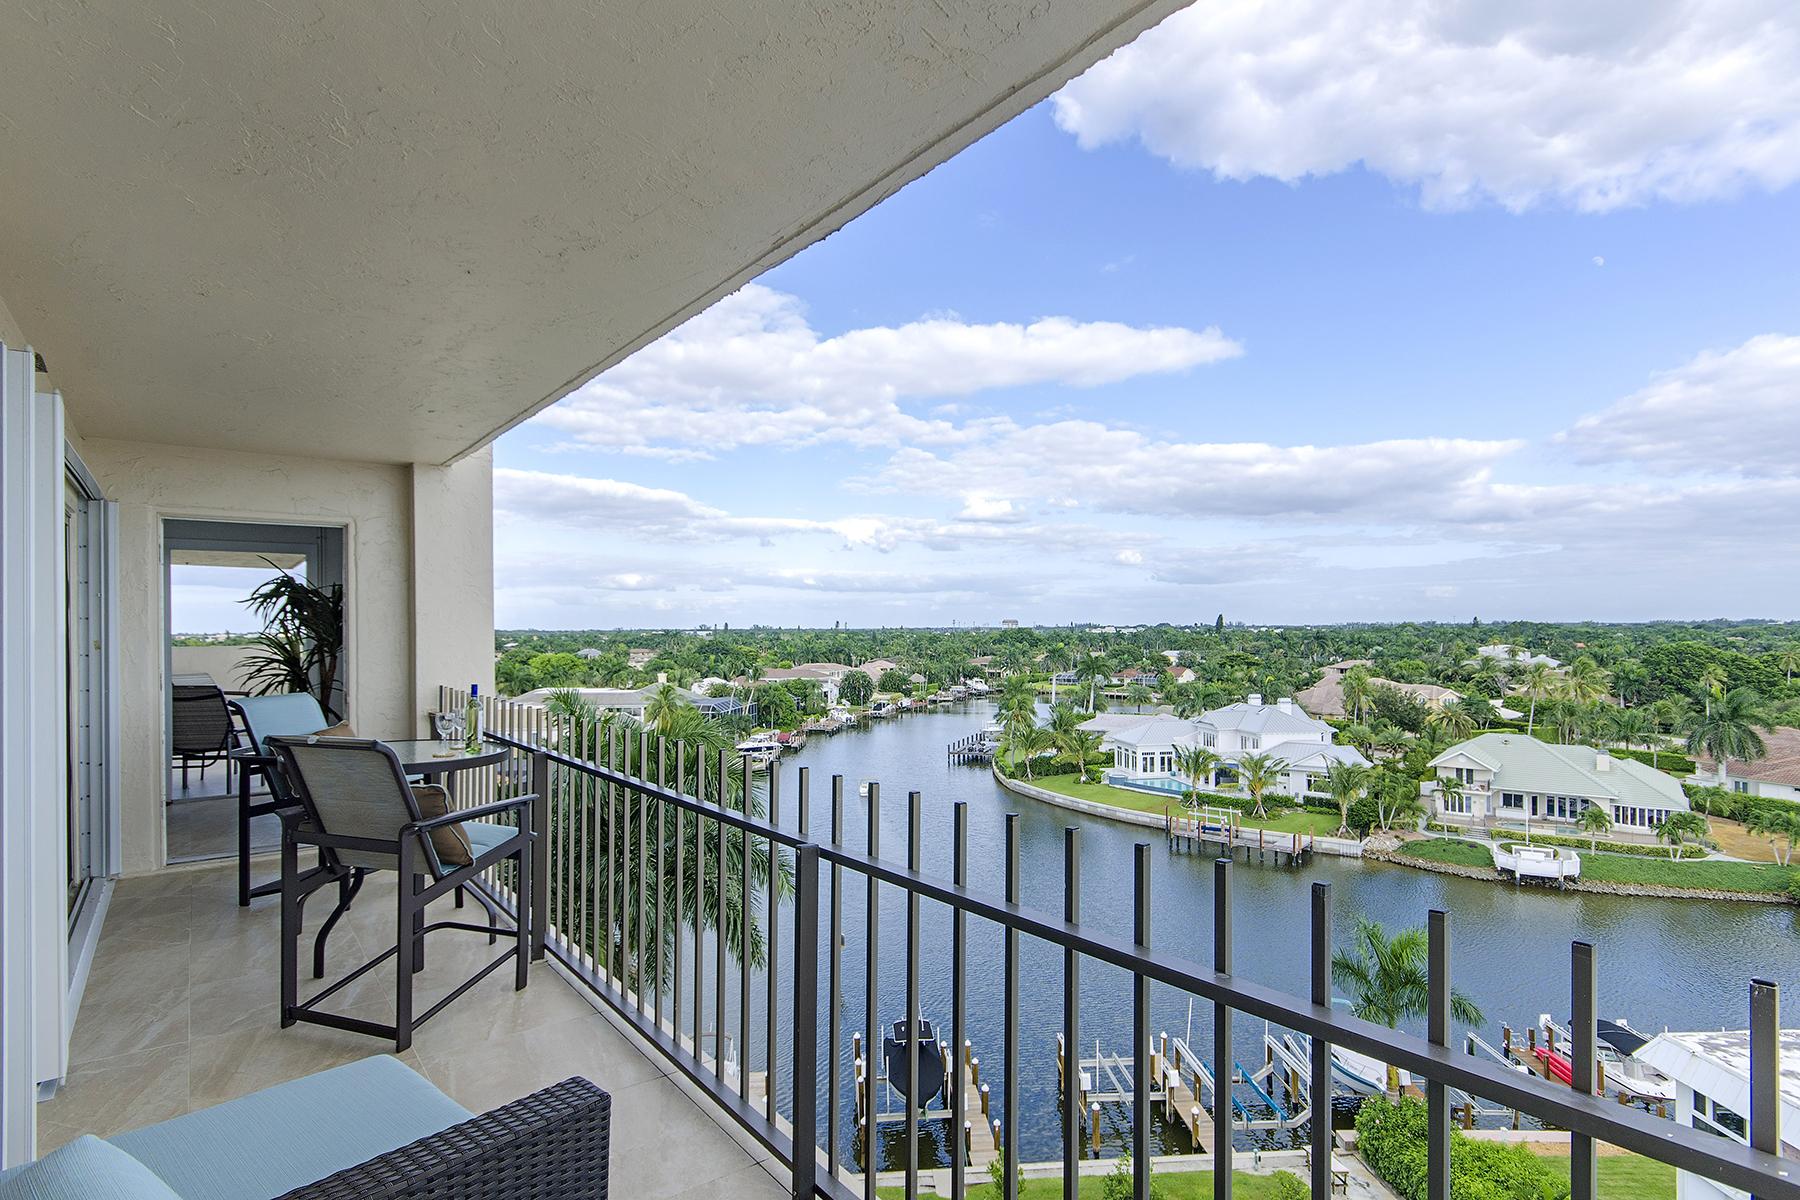 Condomínio para Venda às MOORINGS - KINGSPORT 2150 Gulf Shore Blvd N PS Naples, Florida, 34102 Estados Unidos